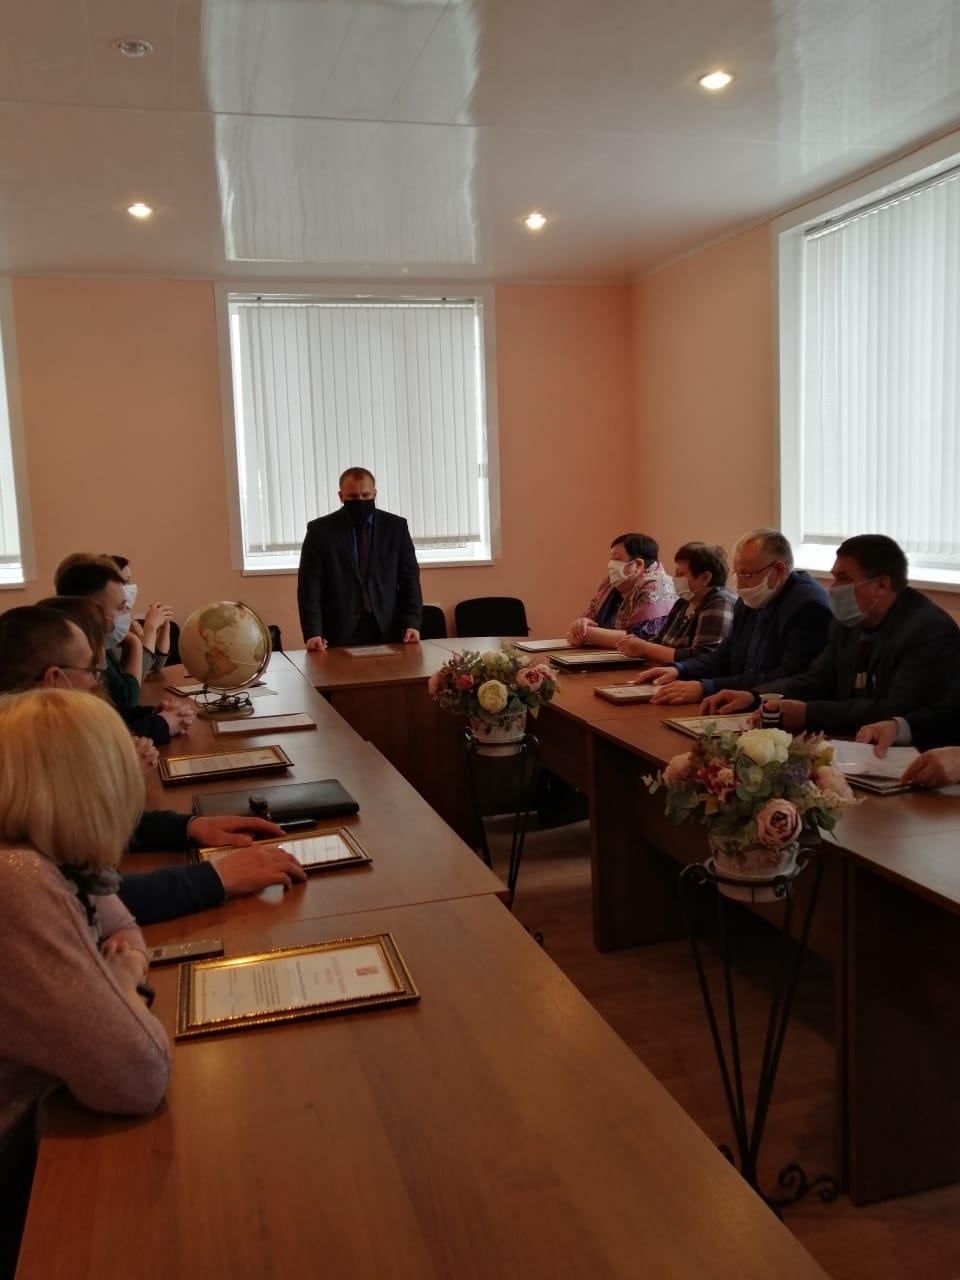 Павел Чибисов поздравил глав сельских поселений с Днем местного самоуправления